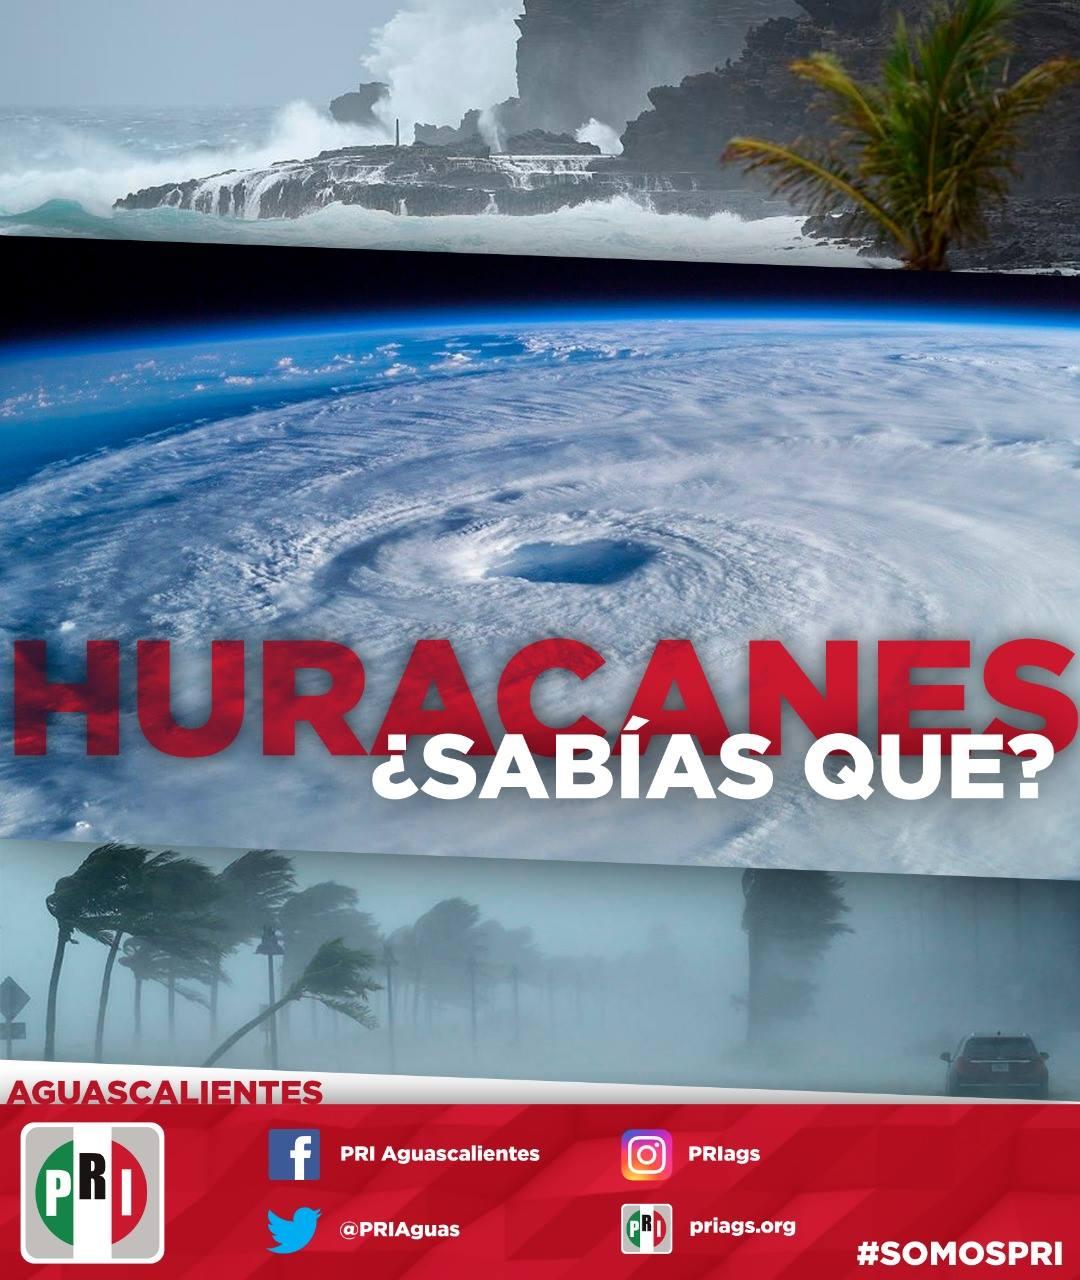 ¿Por qué los huracanes tienen nombre de personas?